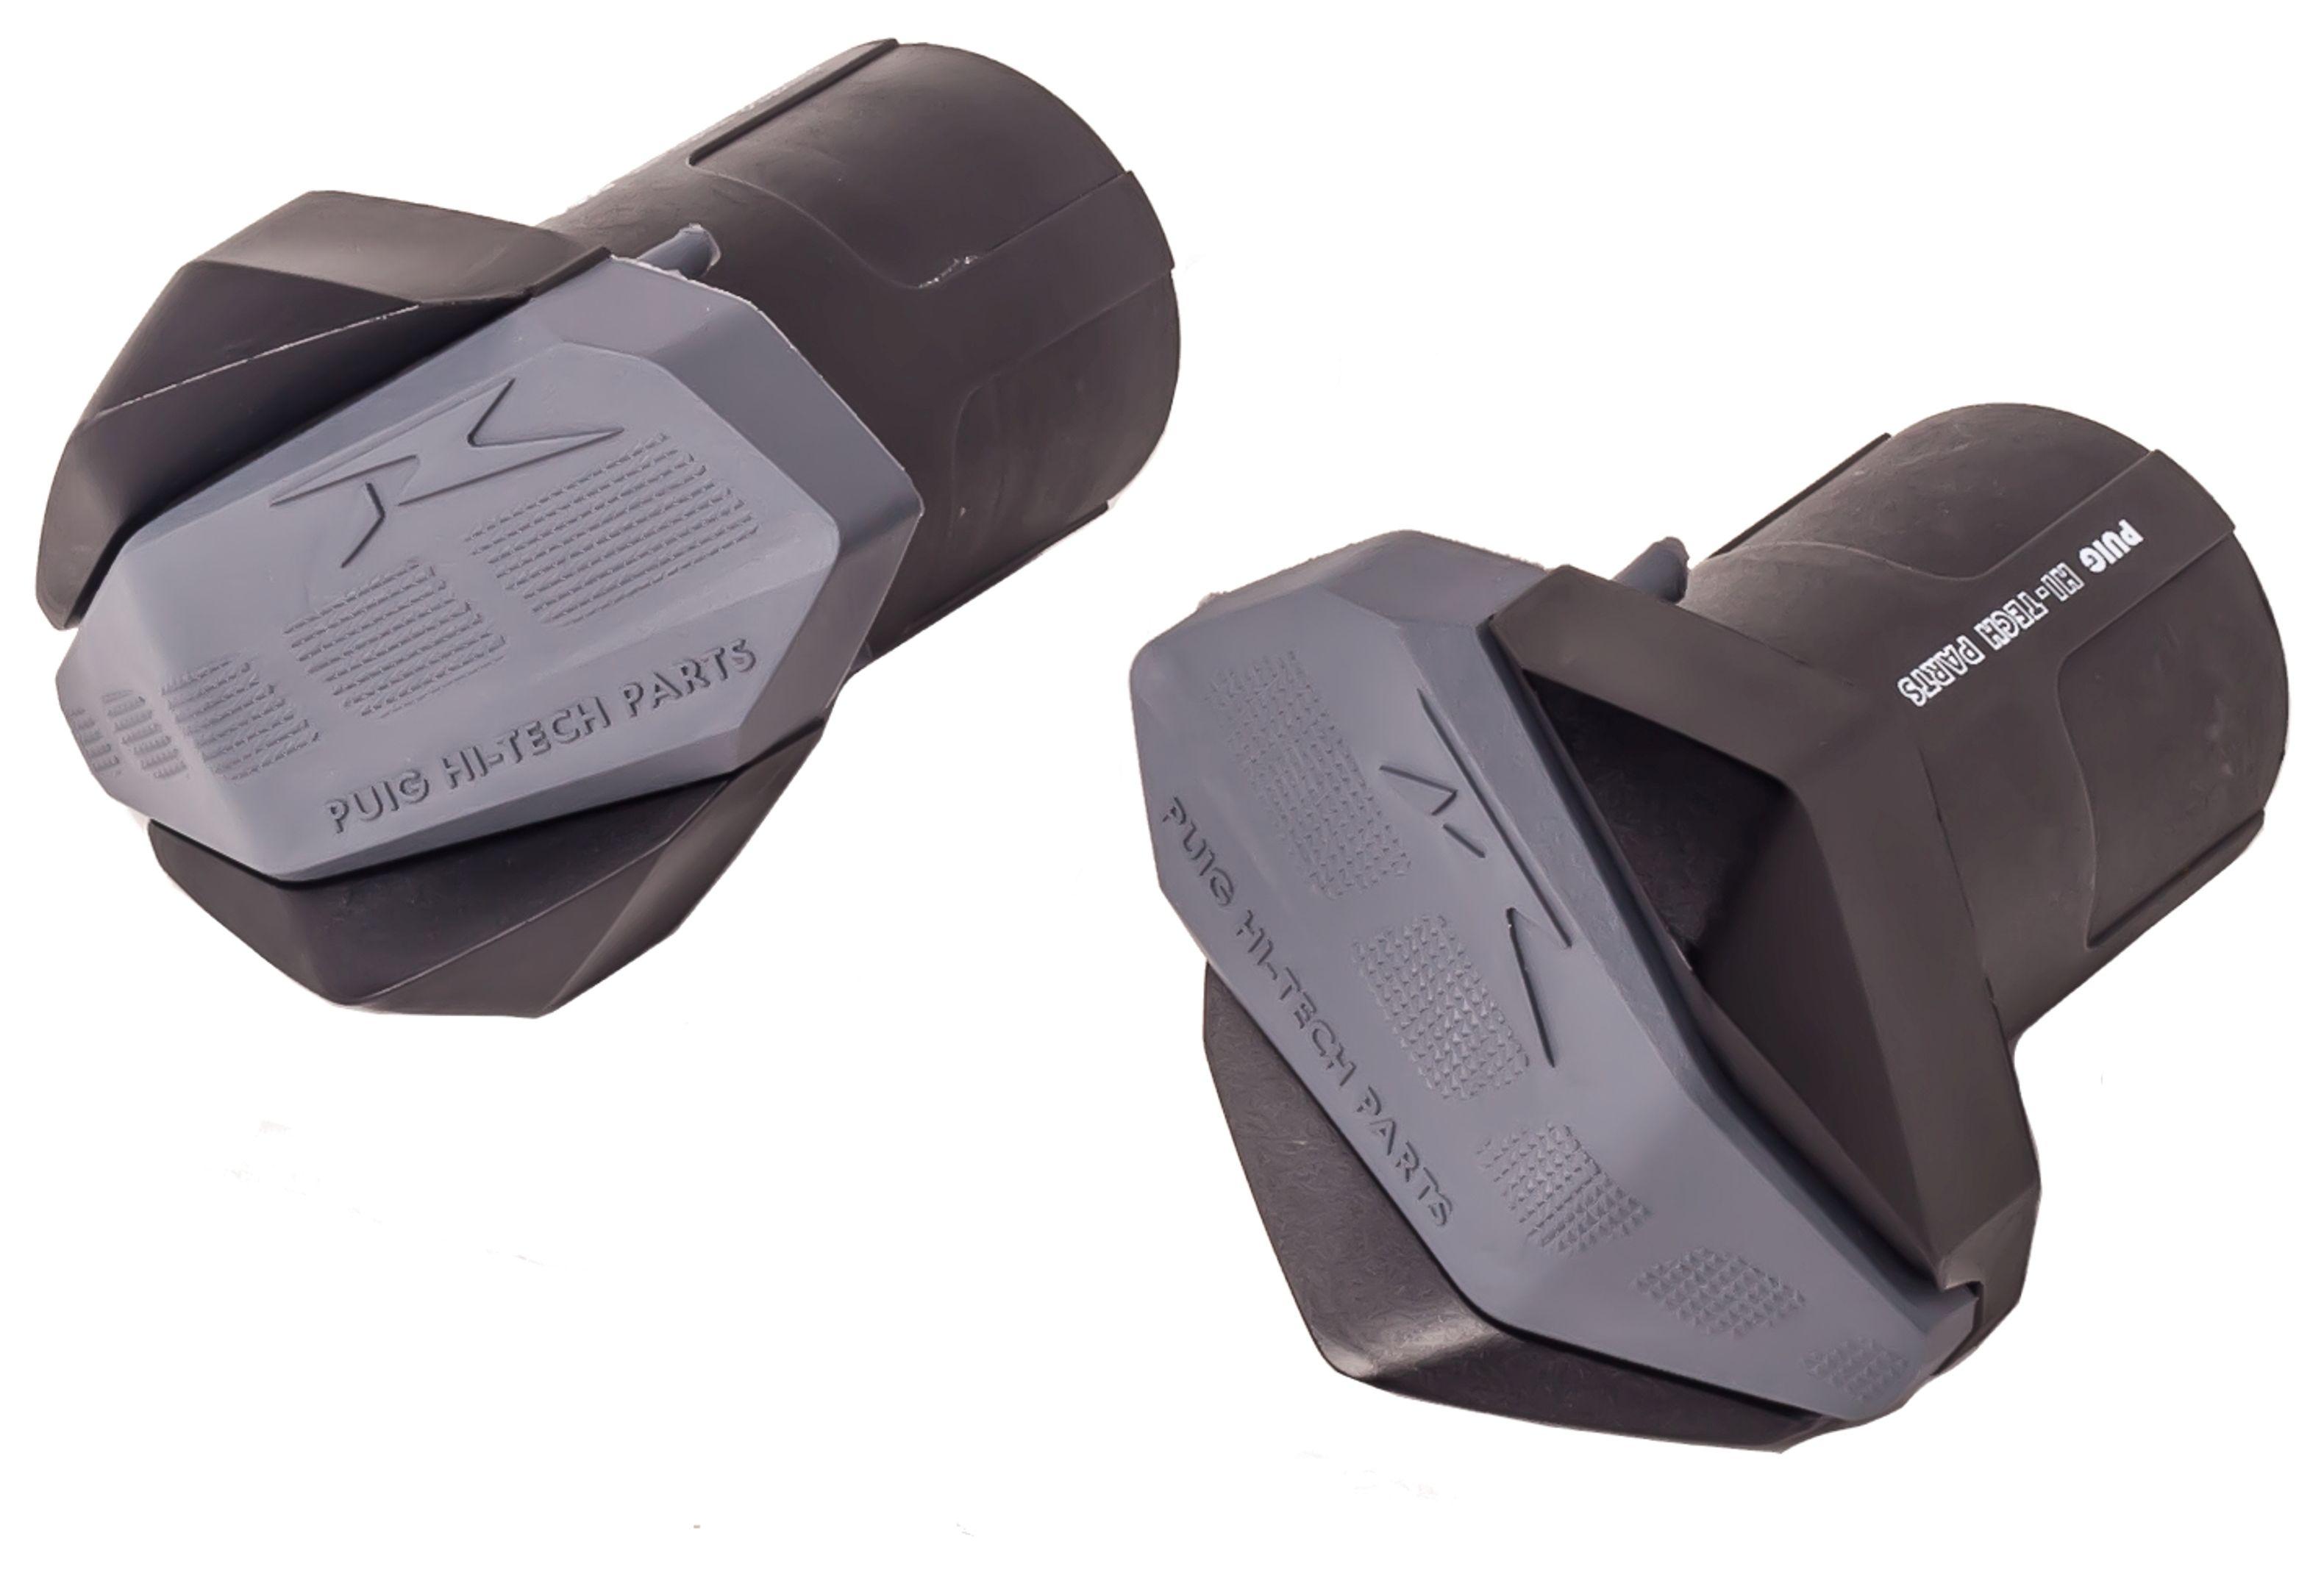 2008-2010 Suzuki GSXR 600 Motorcycle Frame Sliders Black